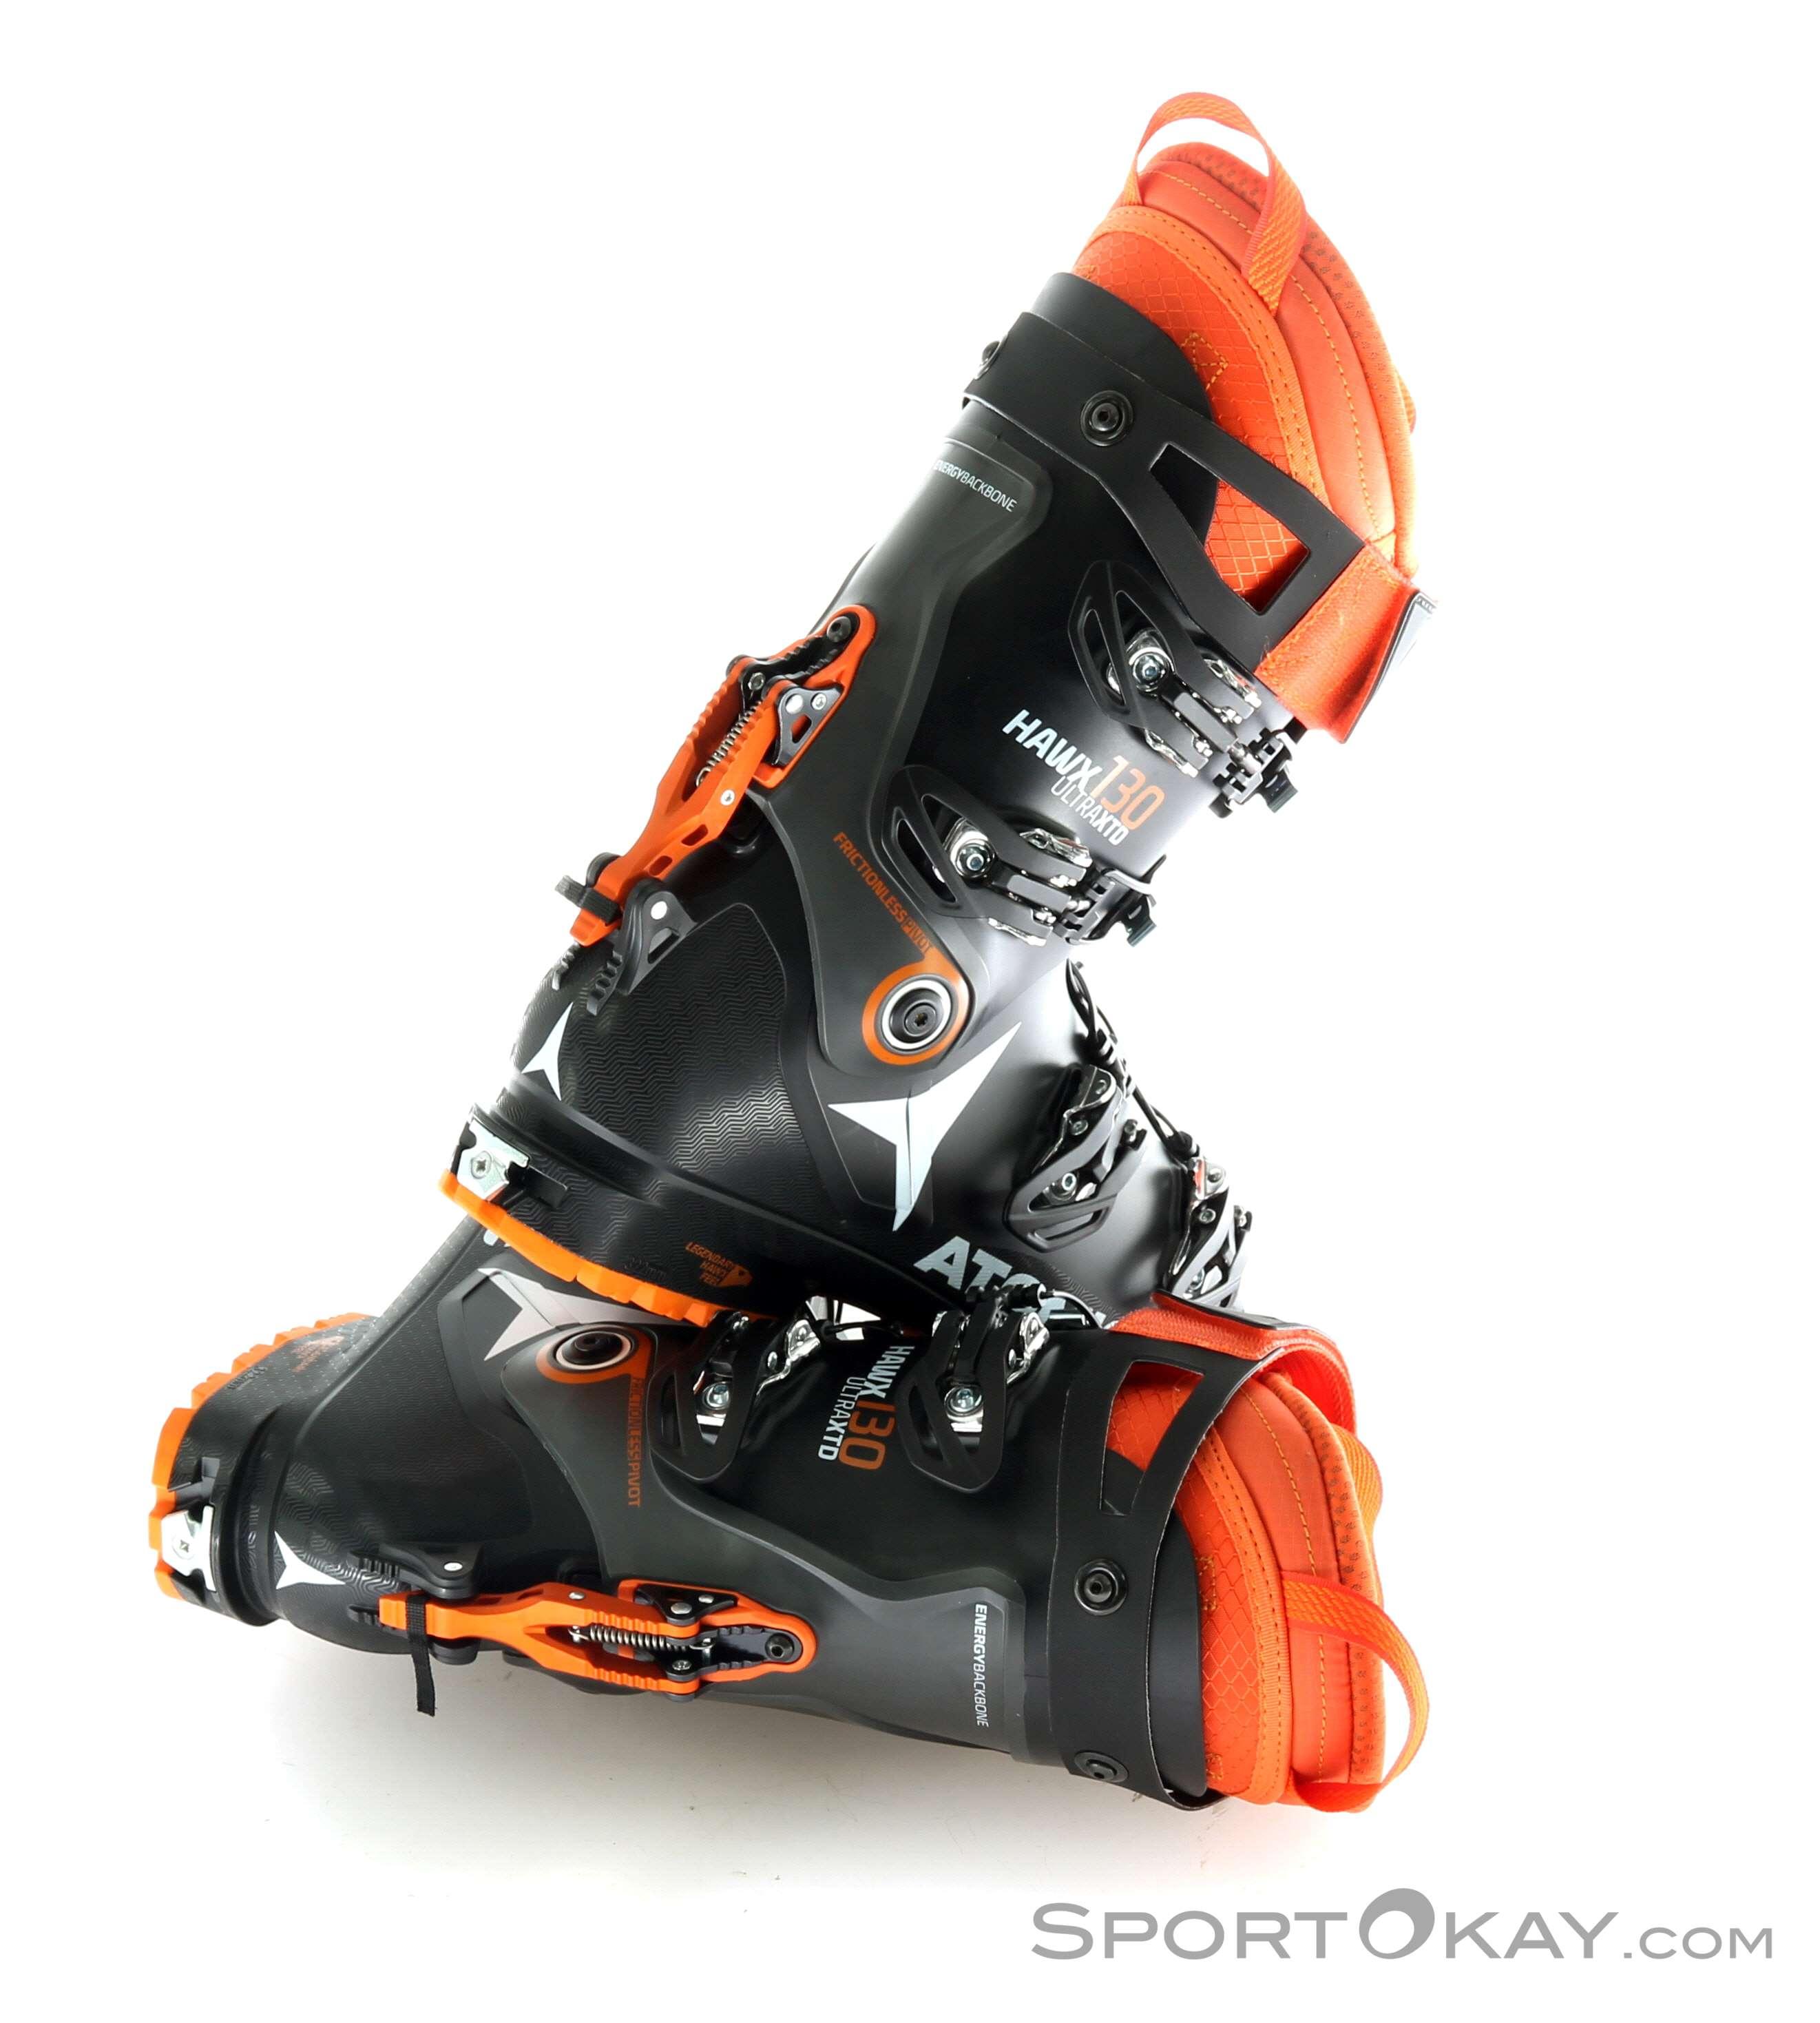 Atomic Hawx Ultra XTD 130 Ski Touring Boots - Ski Touring Boots ... f872f20a9